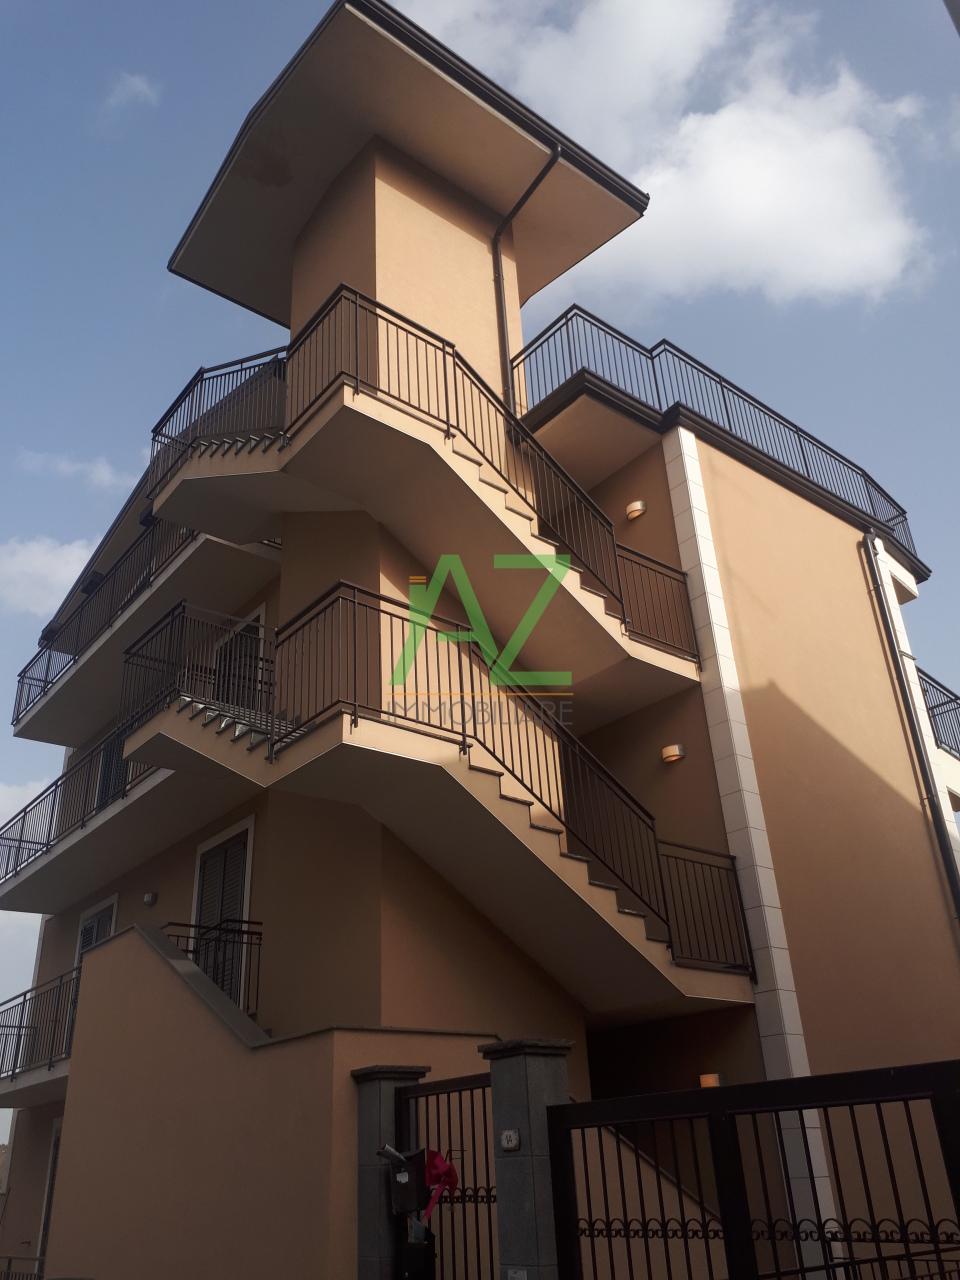 Appartamento - 4 vani Impeccabile a Belpasso